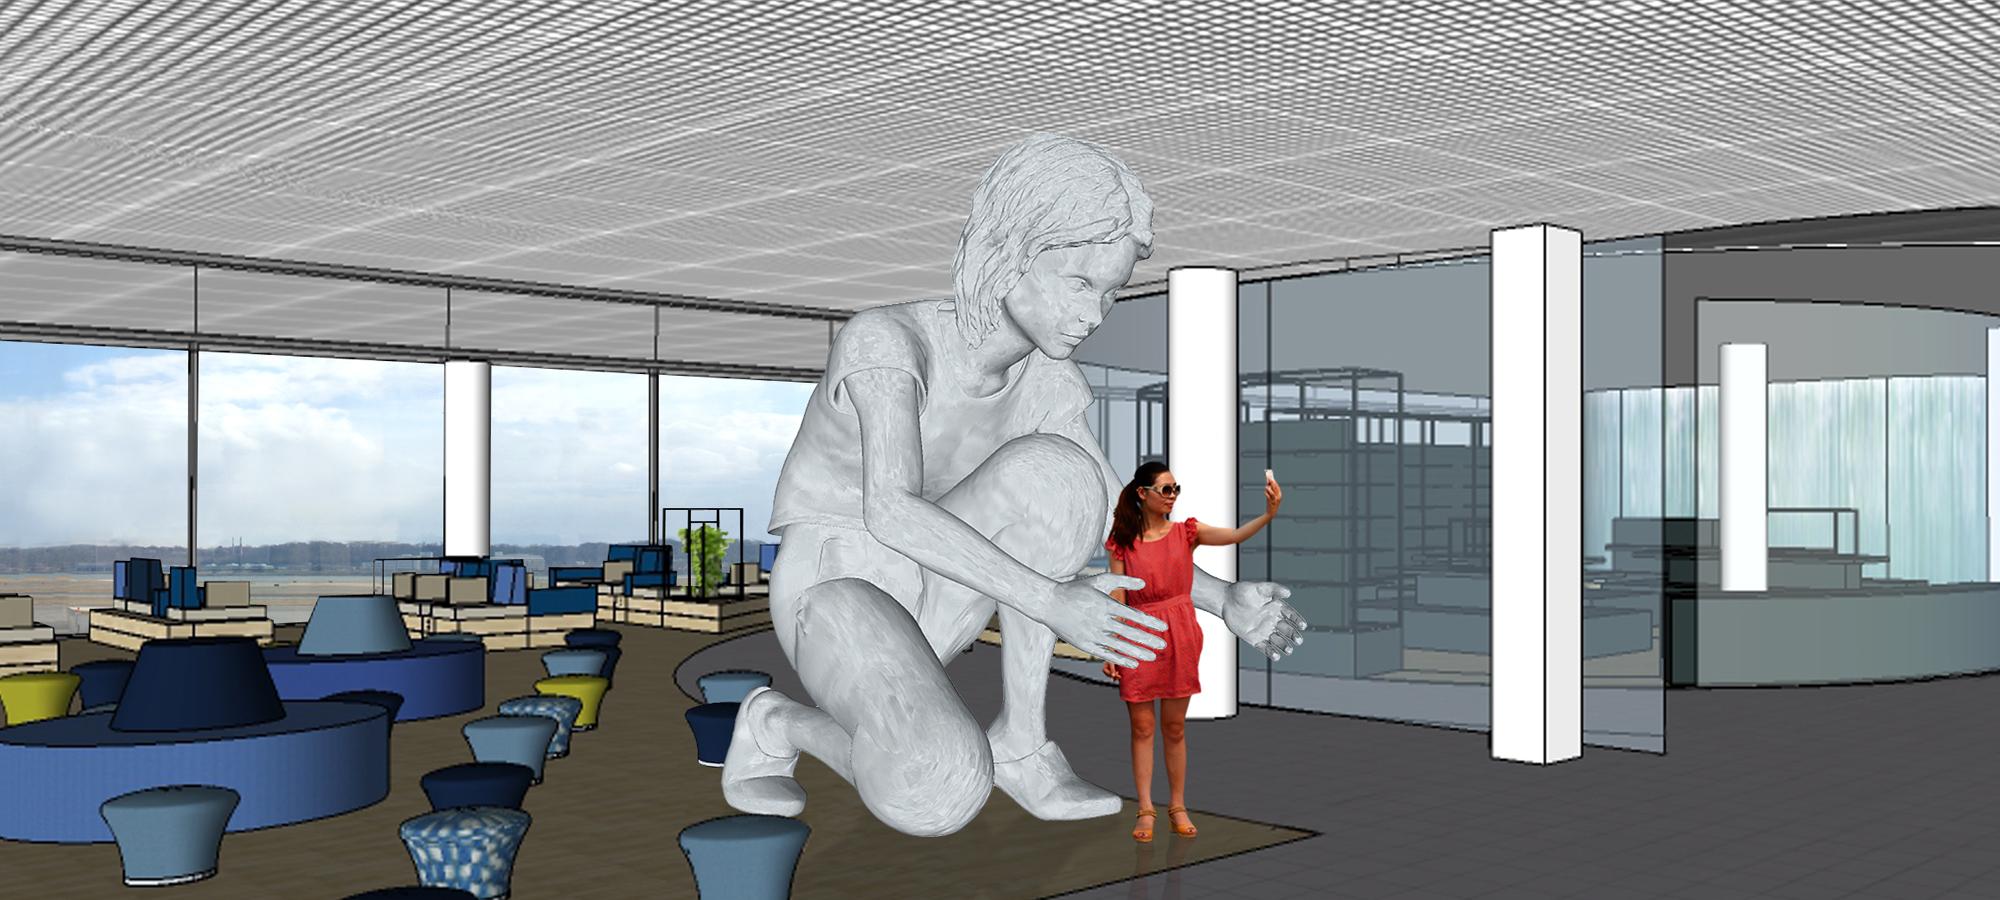 Public Art sculpture -Airport Schiphol-BlokLugthart